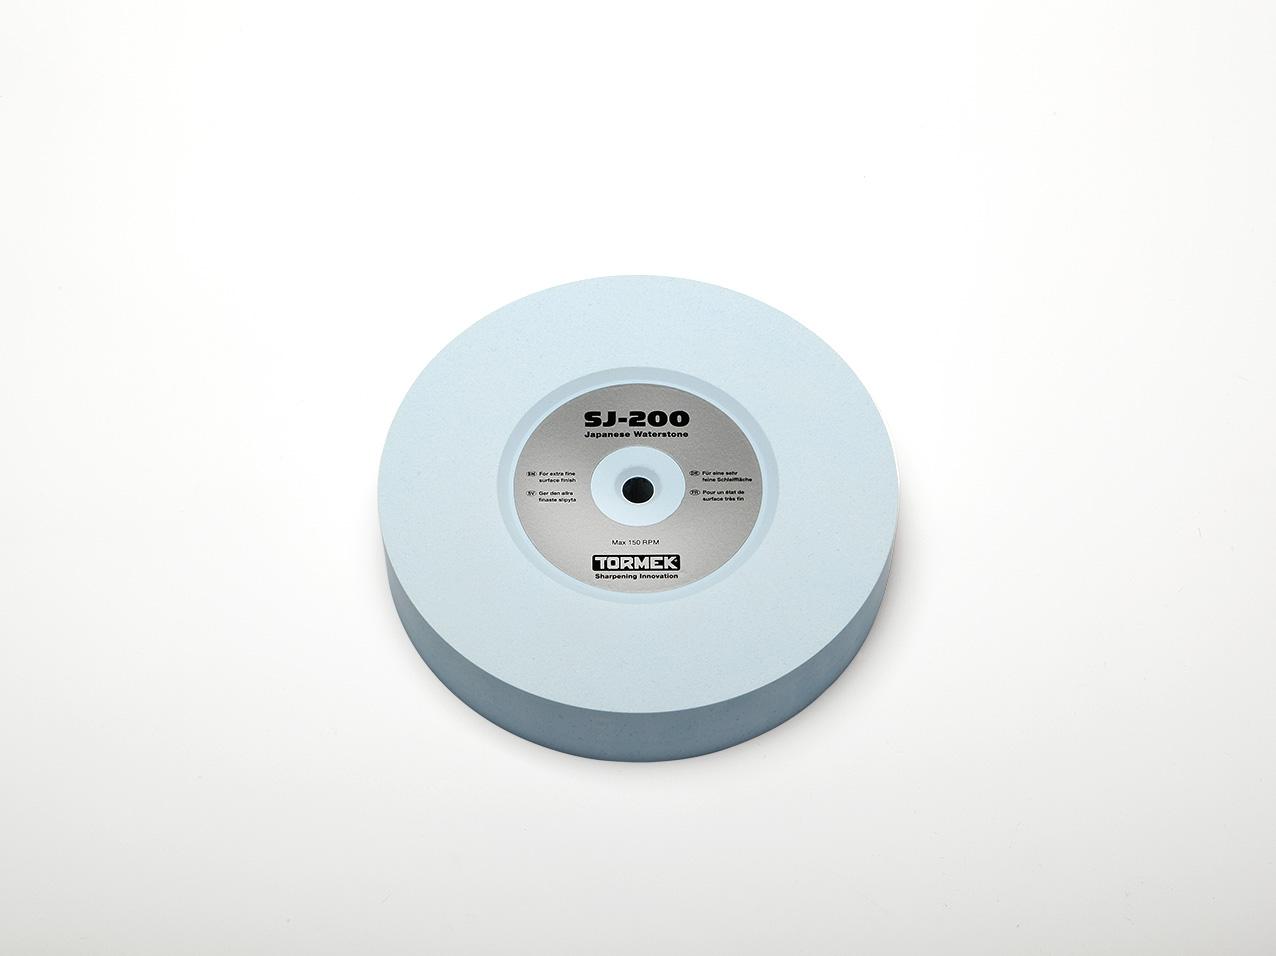 Schleifstein - Japanese Waterstone, 200mm